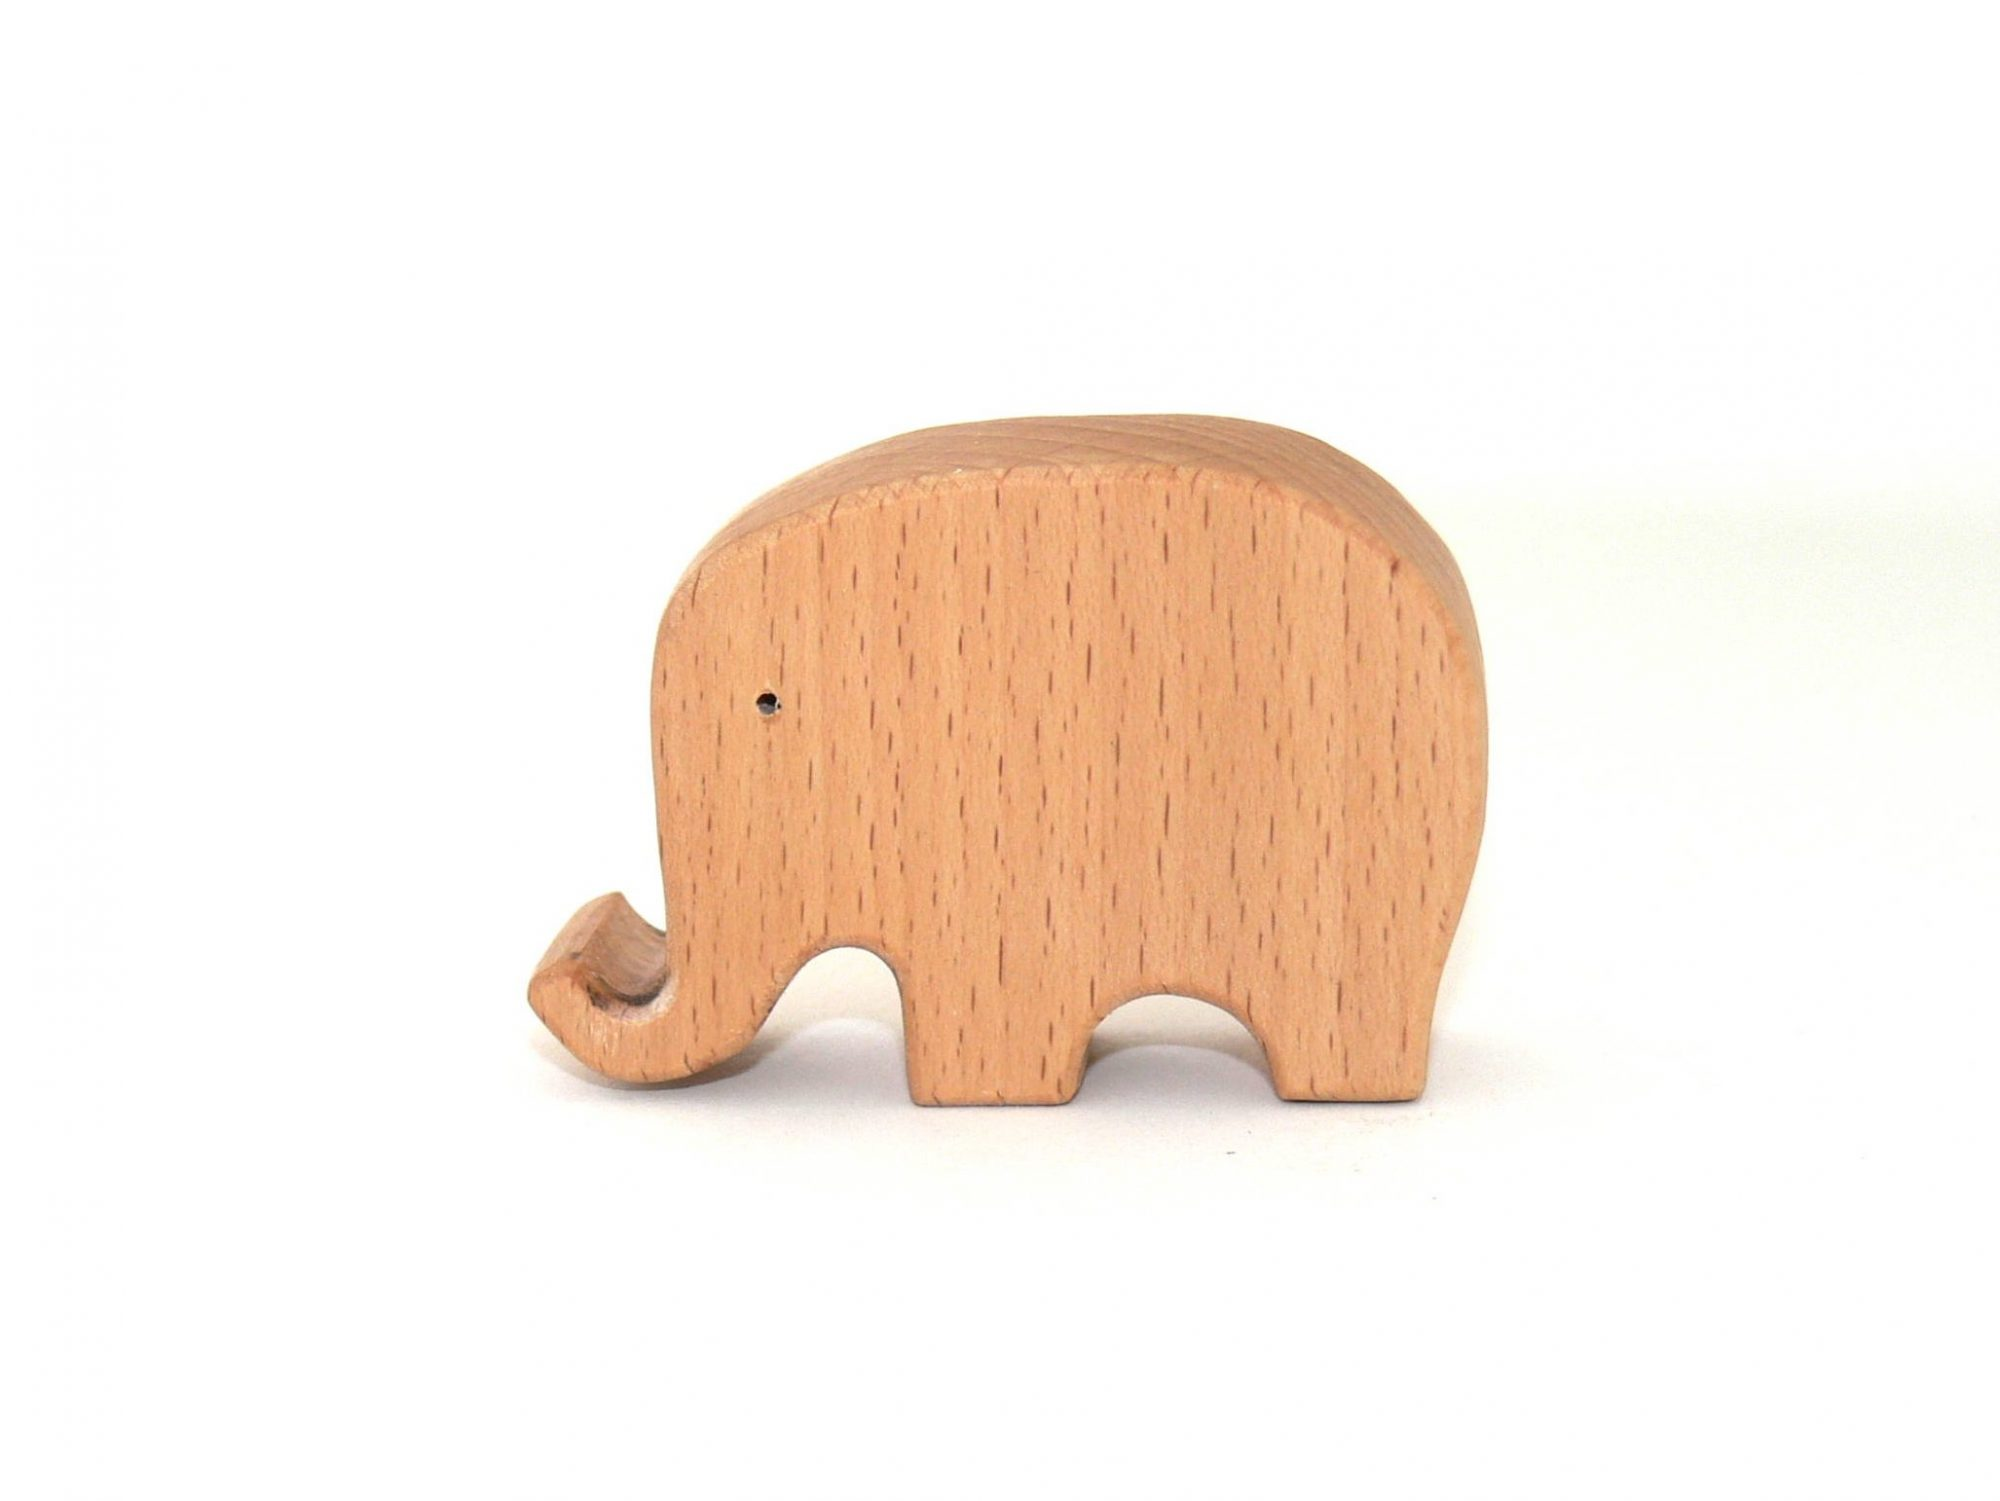 Xưởng sản xuất đồ chơi gỗ uy tín